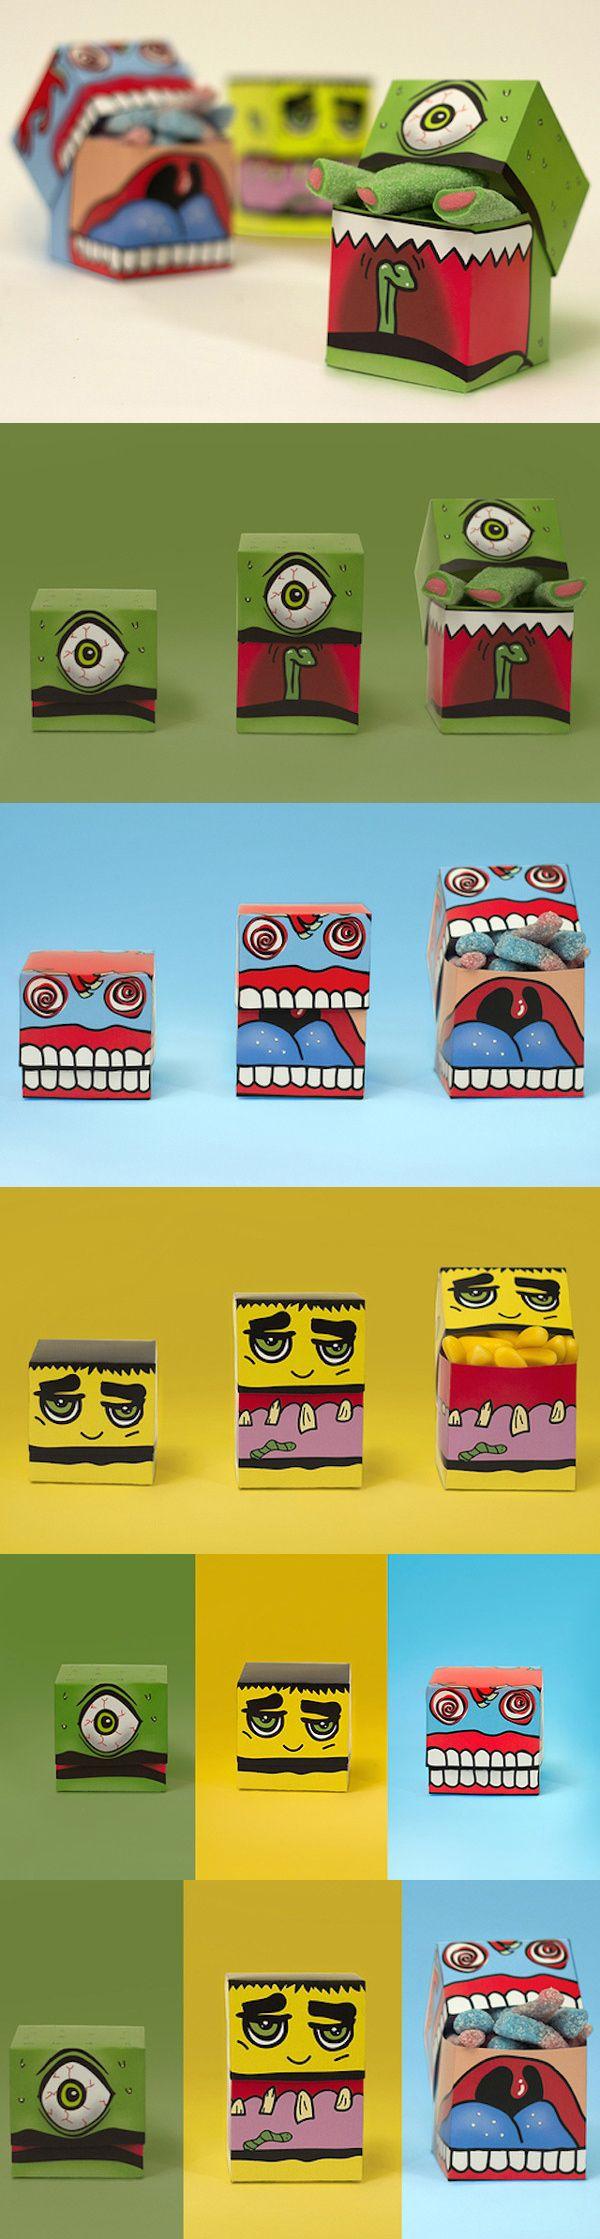 趣味怪物糖果包装设计欣赏